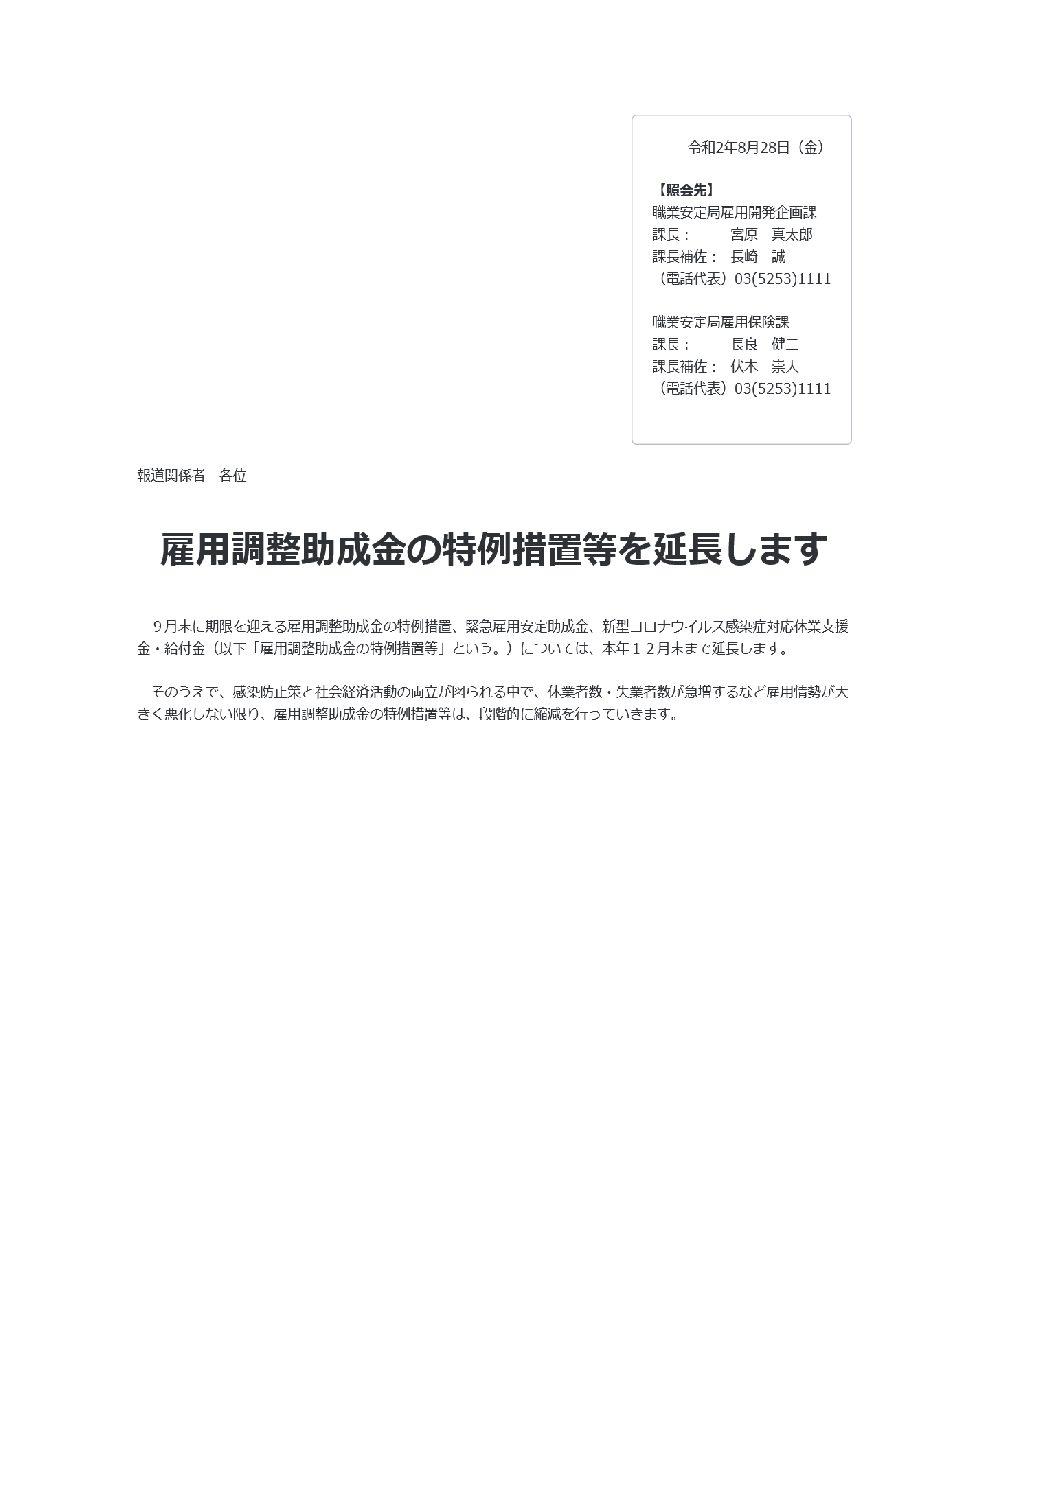 【12月末まで】雇用調整助成金特例措置等の延長等